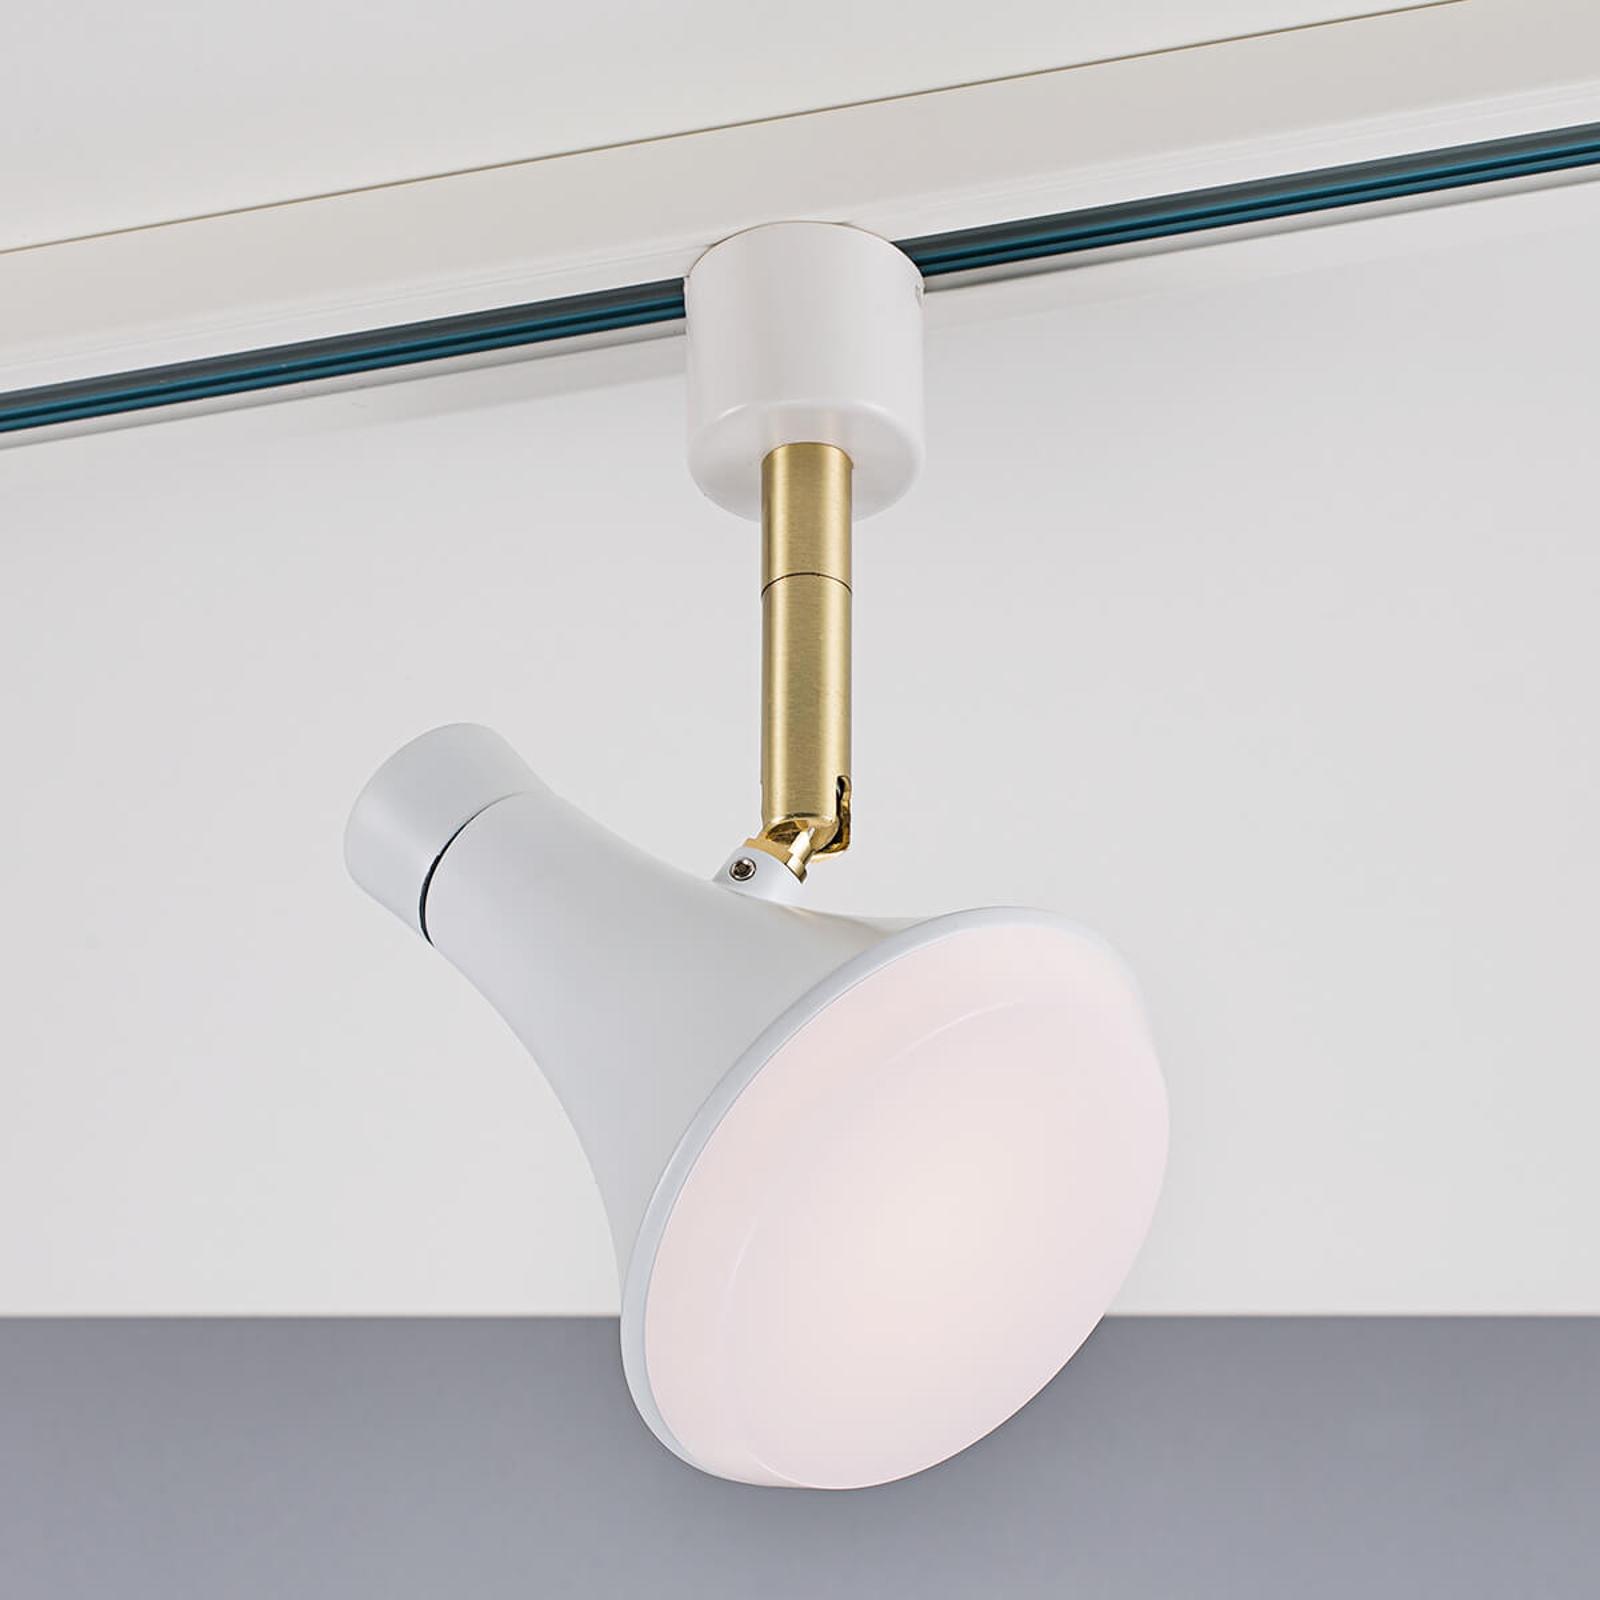 LED-kohdevalaisin Sleeky Link-suurjännitekiskoon